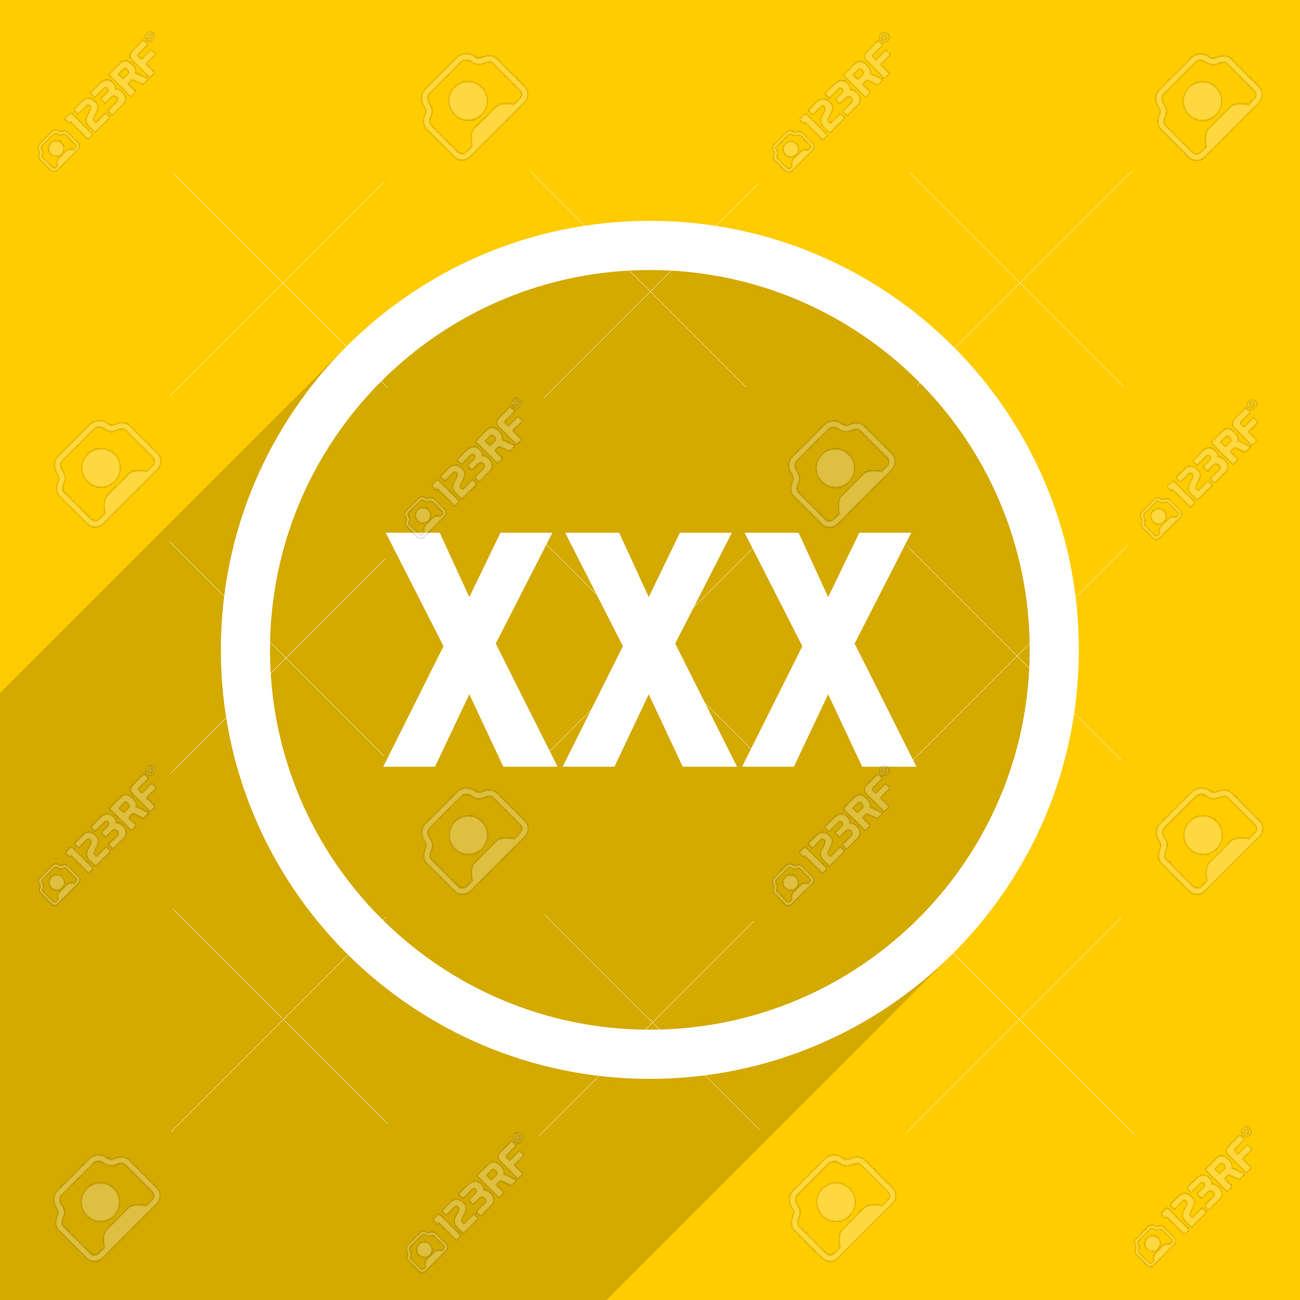 XXX Mobile pouvez-vous avoir des relations sexuelles avec votre mère